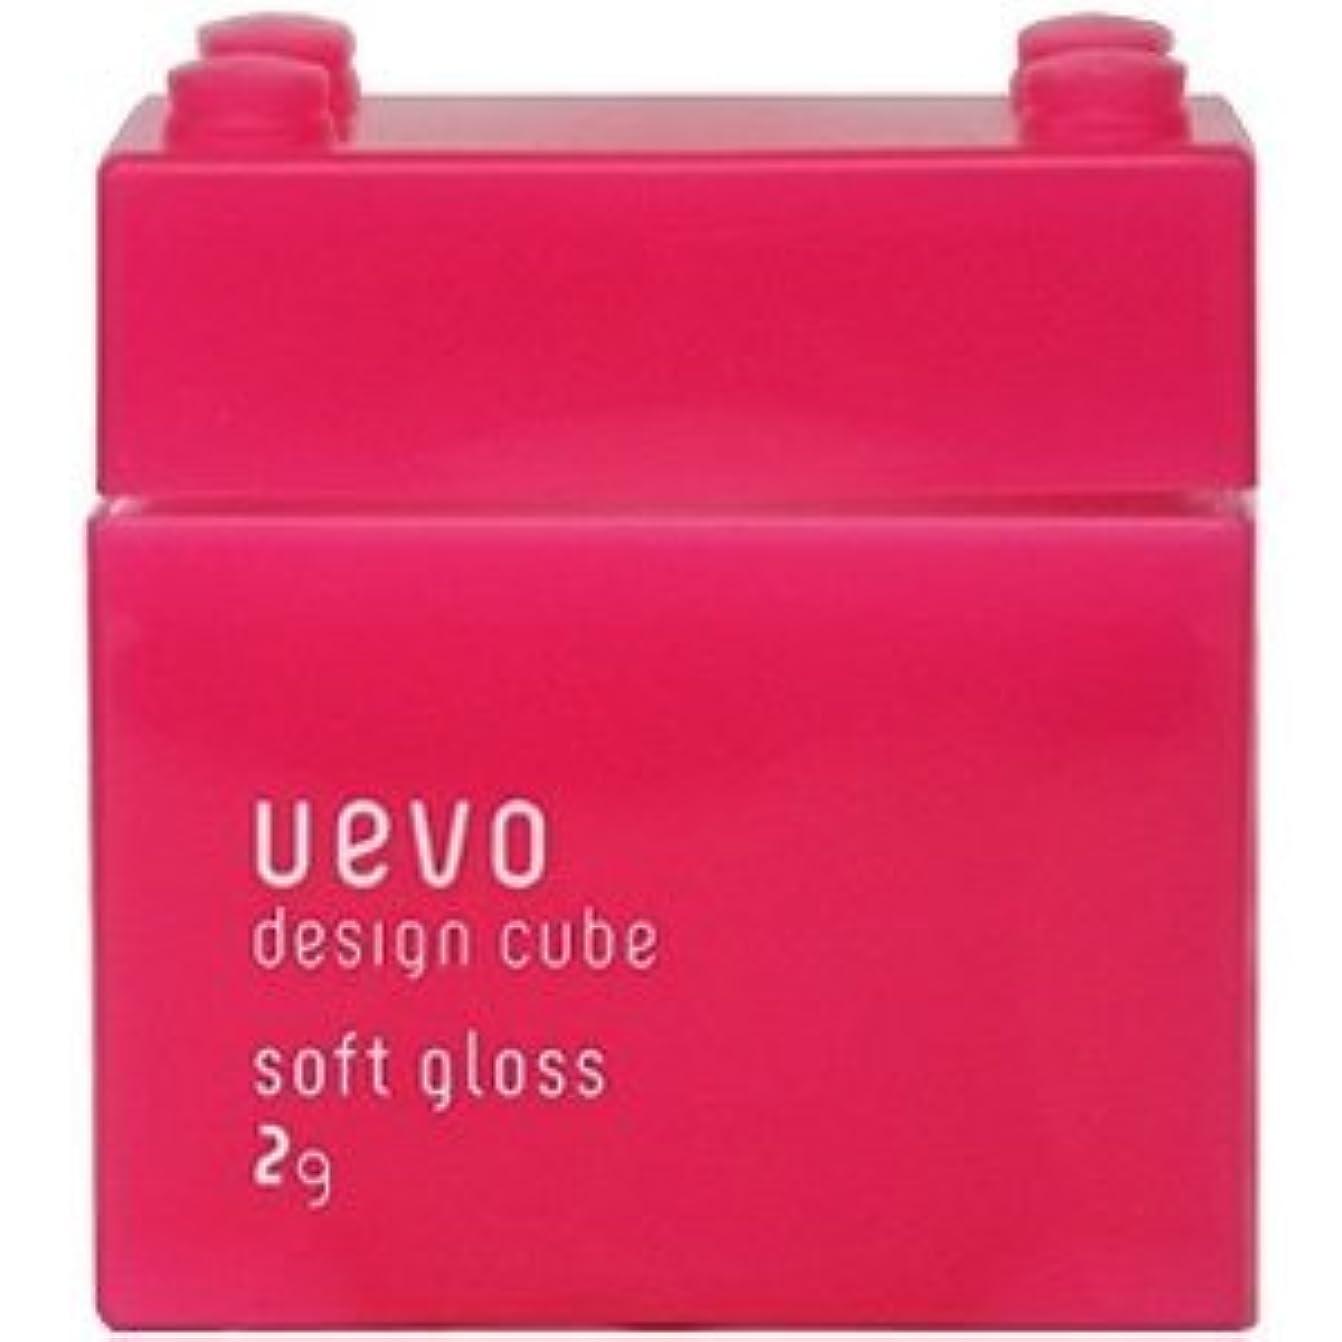 大賞賛する忠実な【X3個セット】 デミ ウェーボ デザインキューブ ソフトグロス 80g soft gloss DEMI uevo design cube